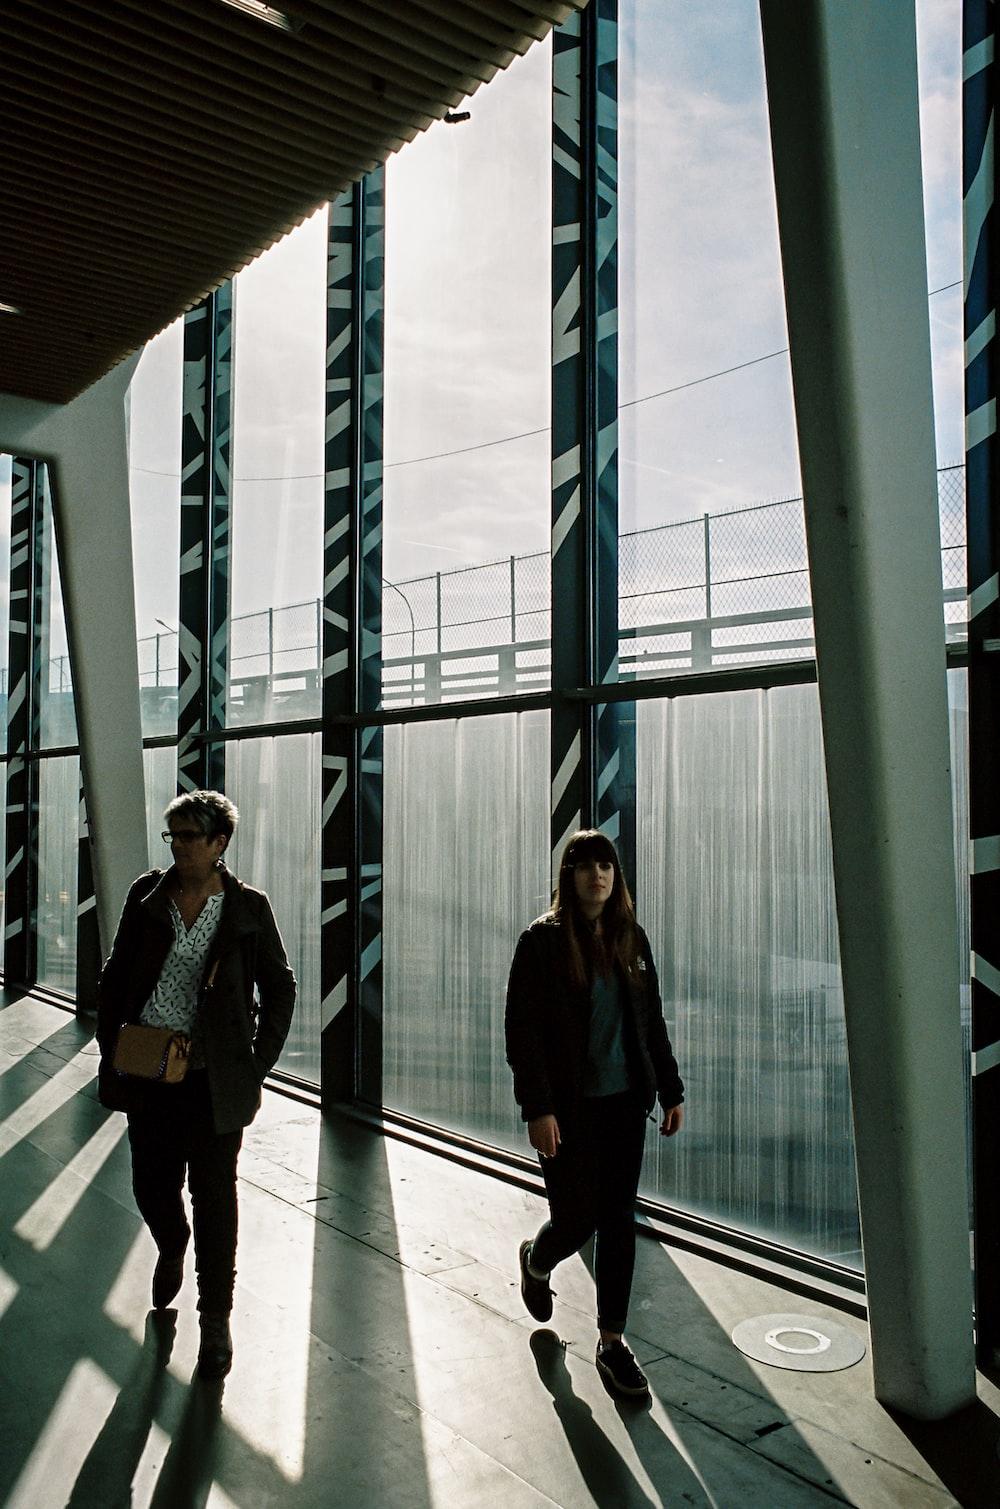 2 women standing near glass window